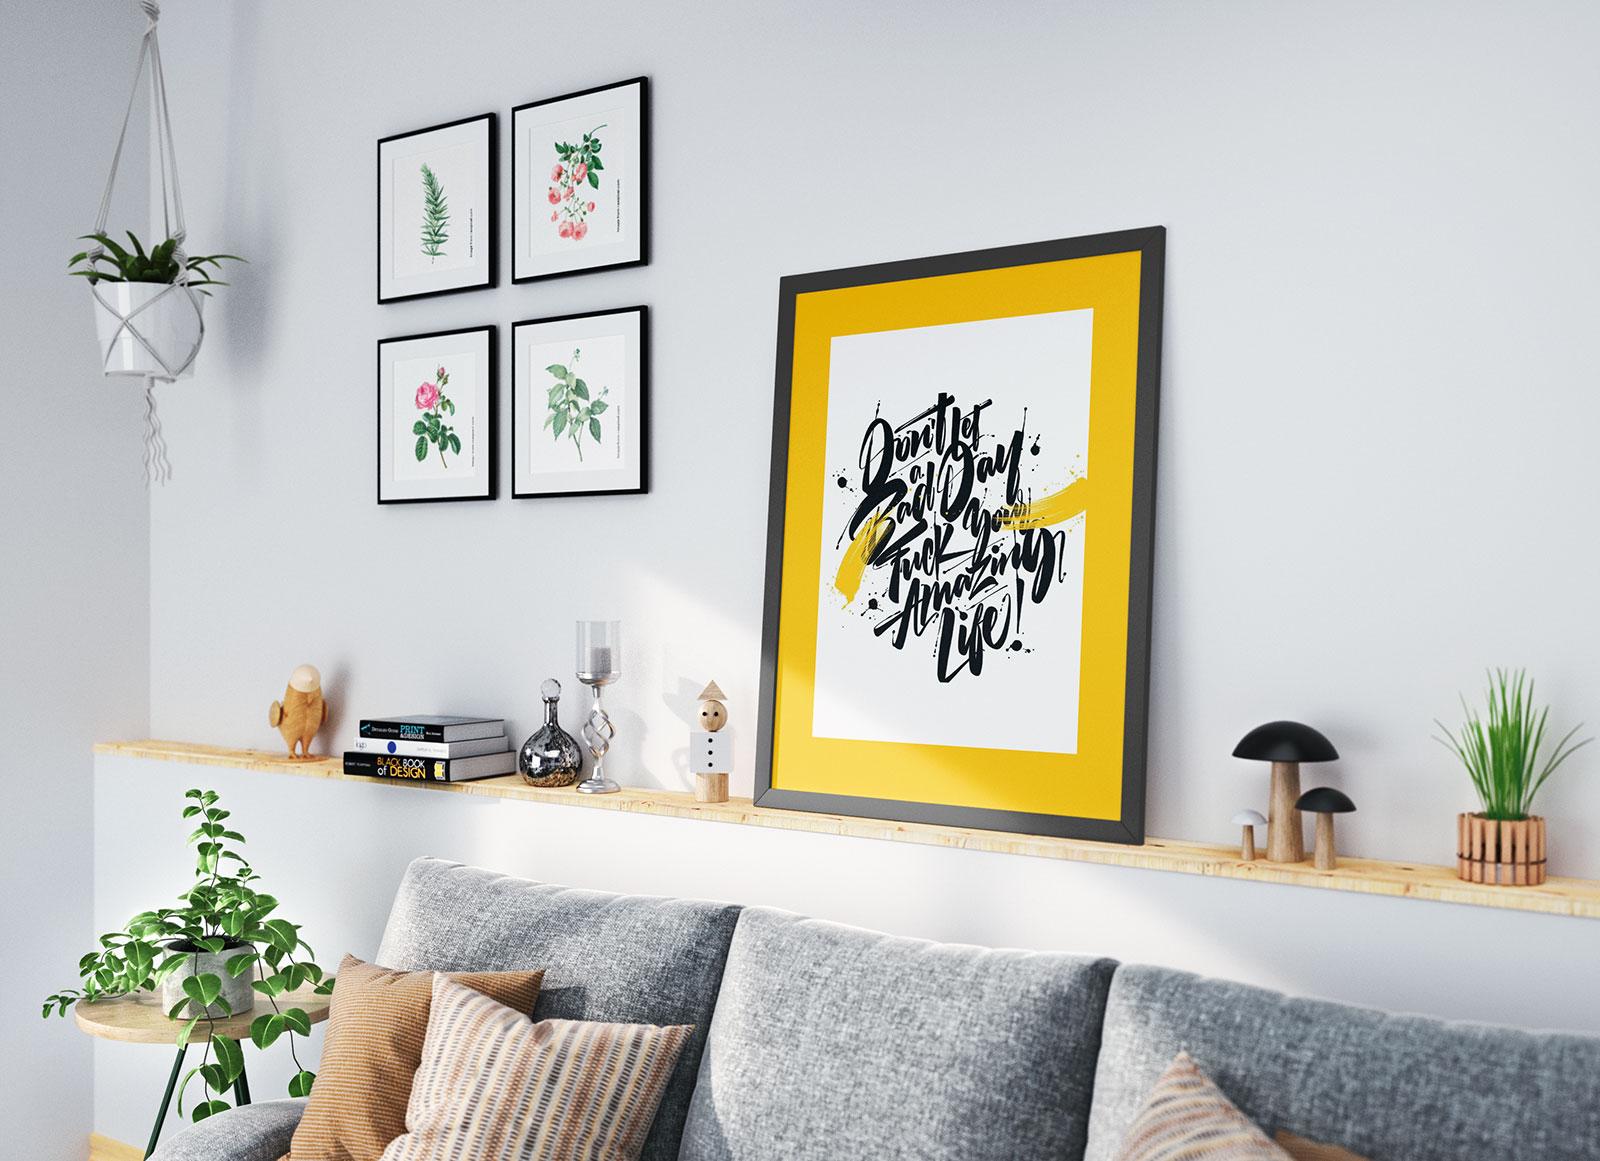 Free_Poster_Frame_Mockup_PSD-Set